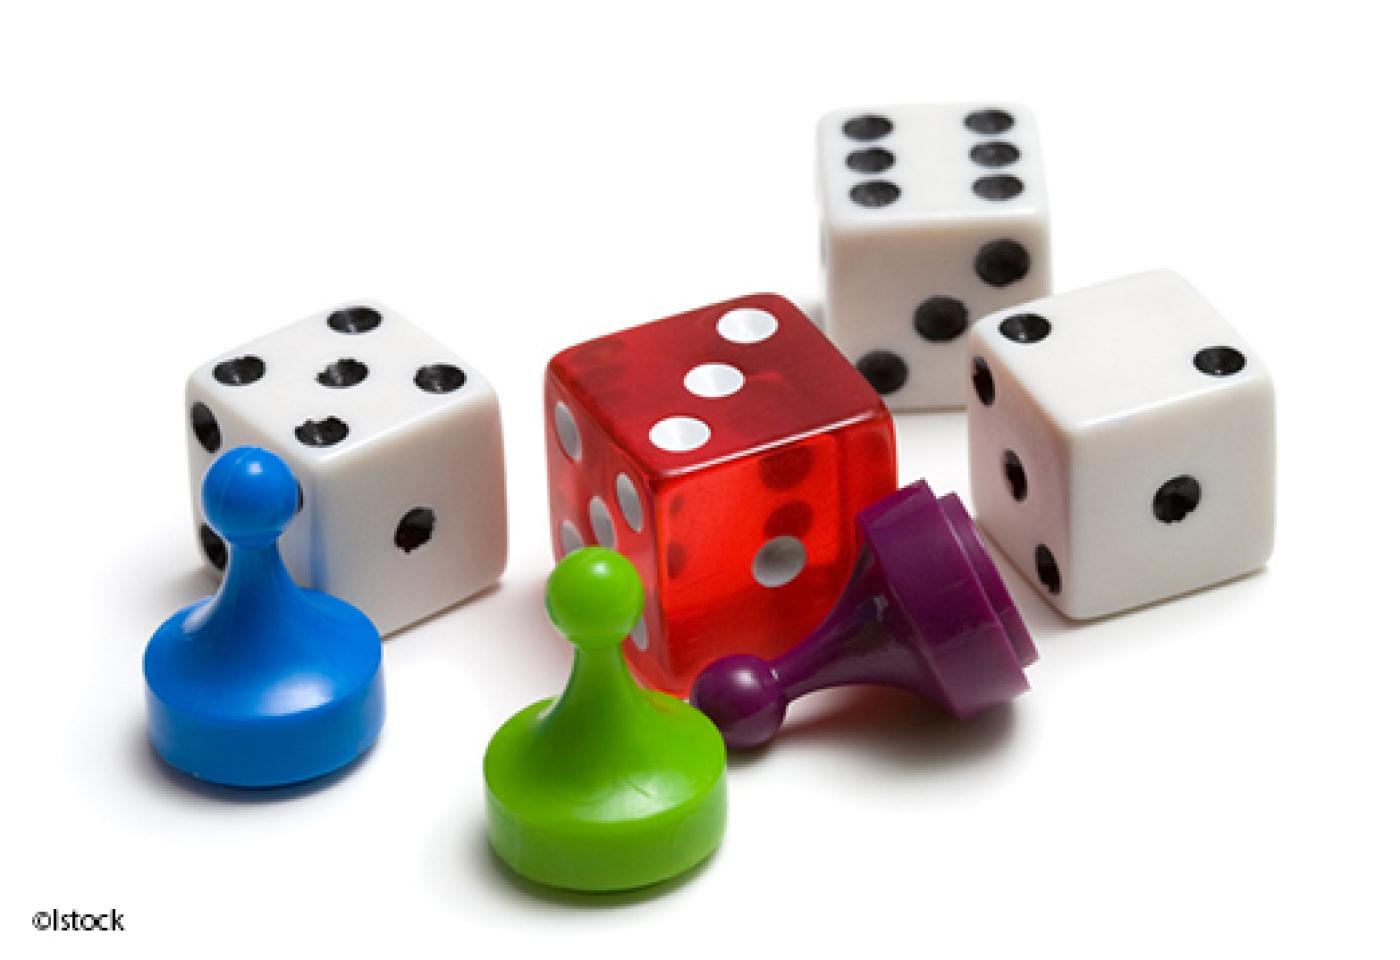 Jeux De Société: Jouez Avec Les Mots Et La Culture! avec Jeu De Société Avec Des Lettres